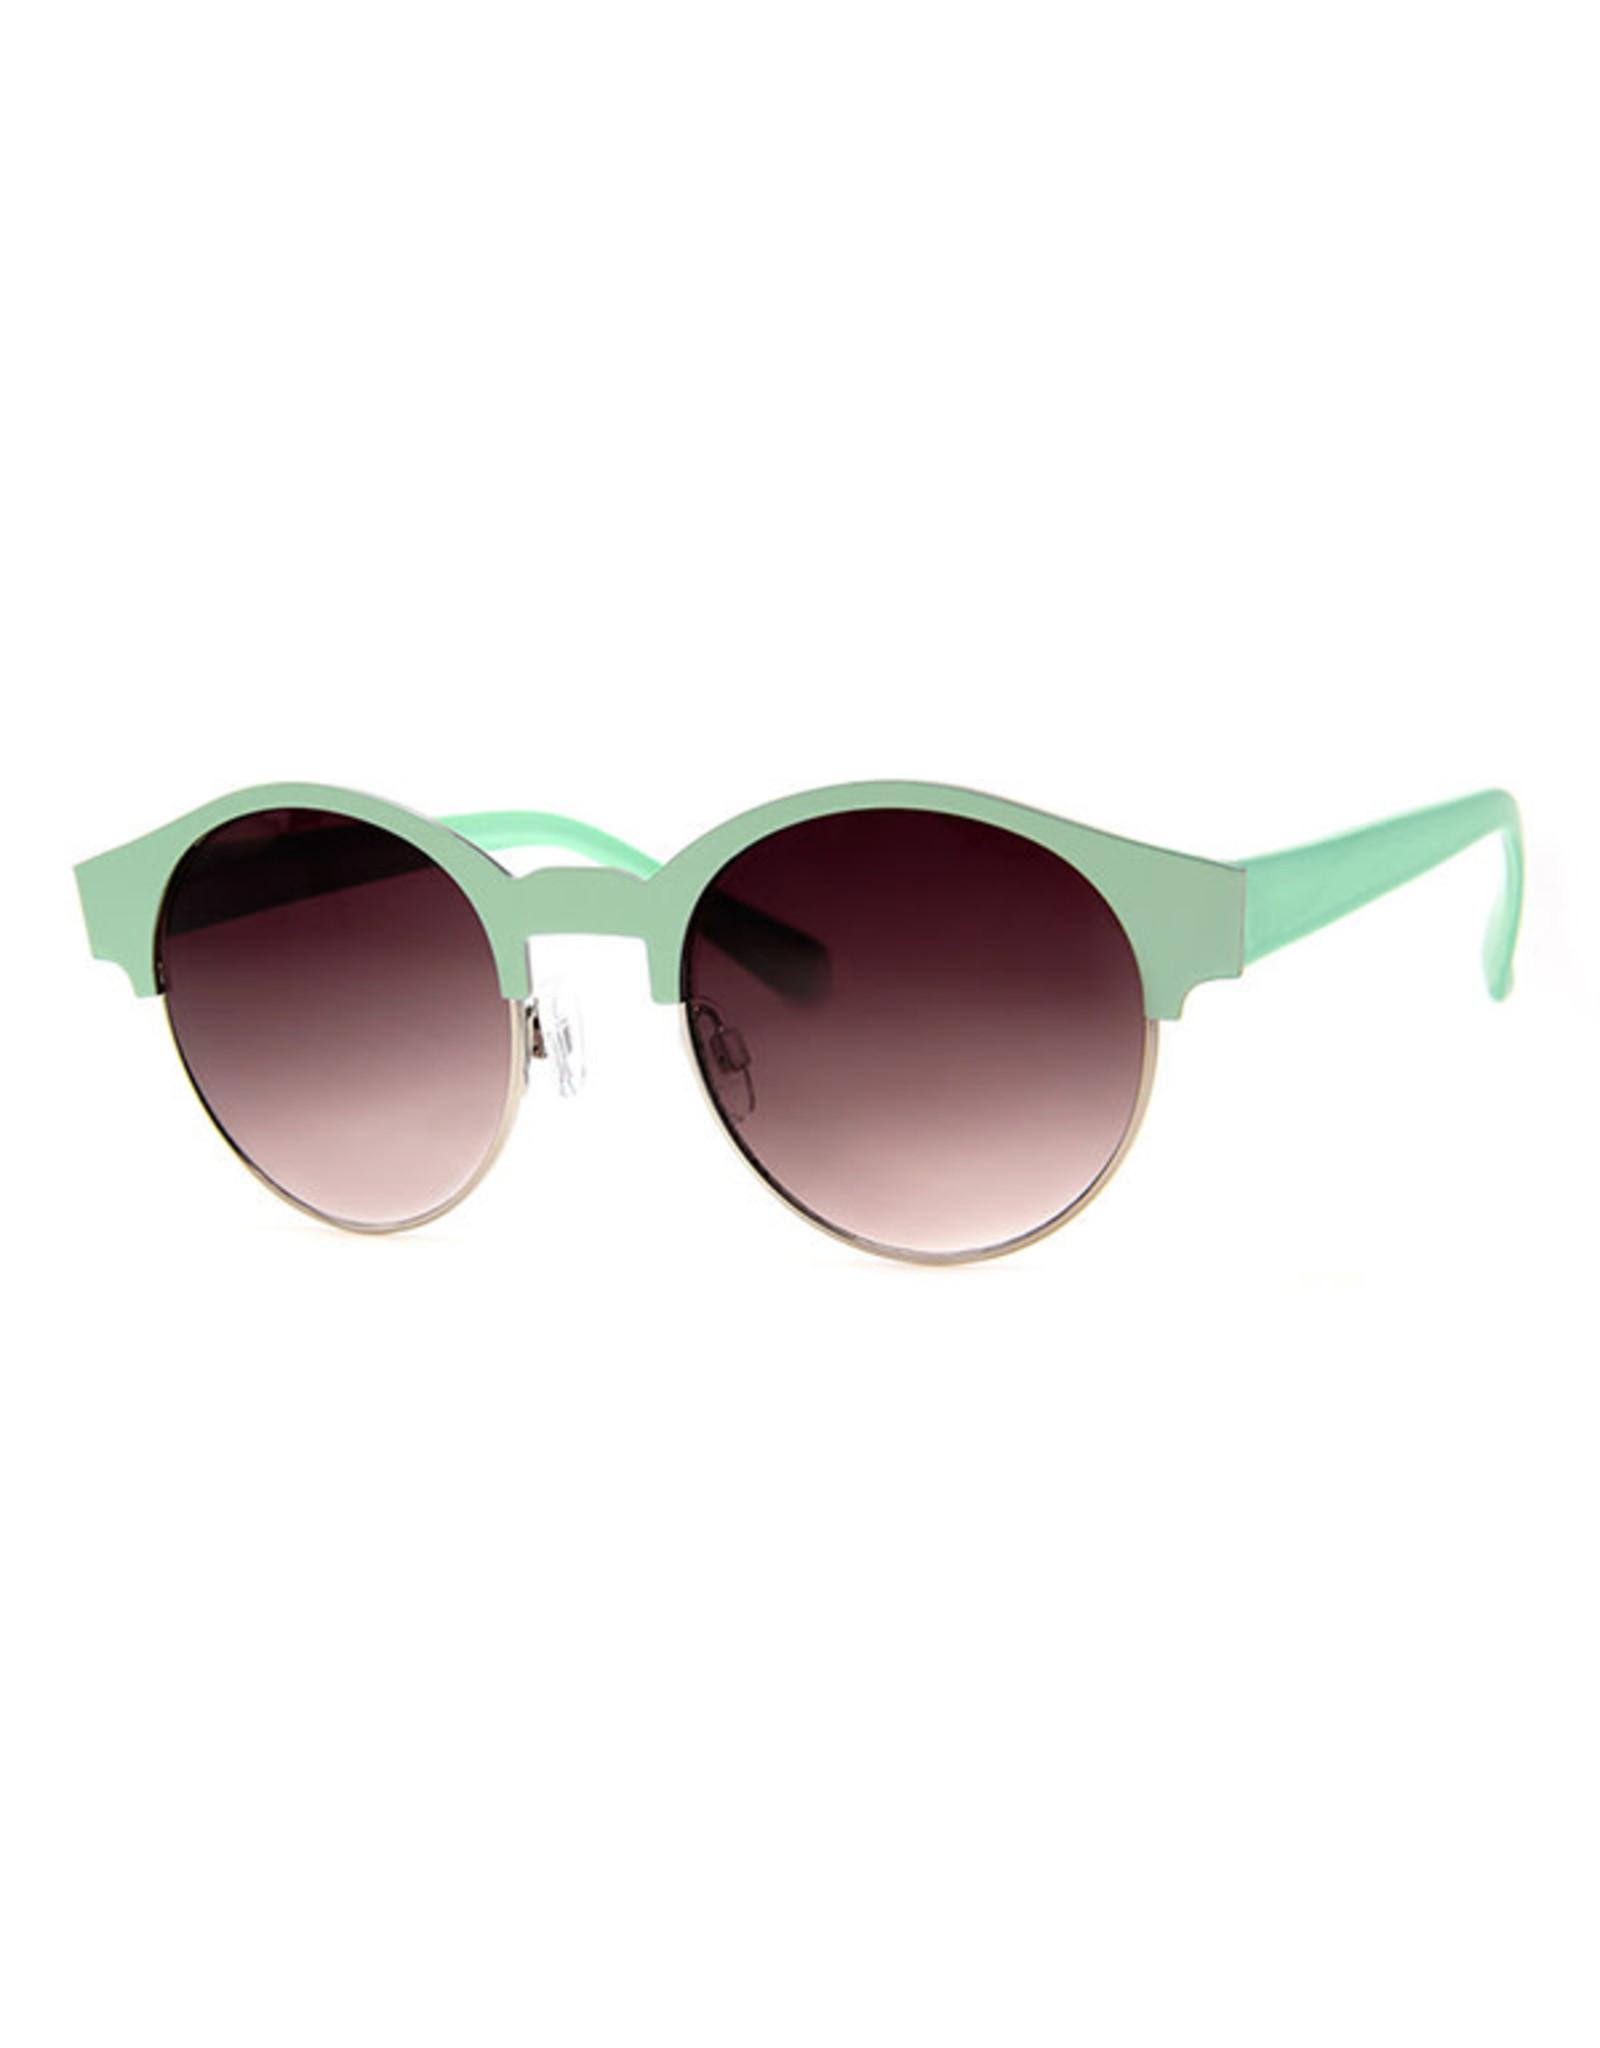 AJM - Round Half-Colored Frame Sunglasses